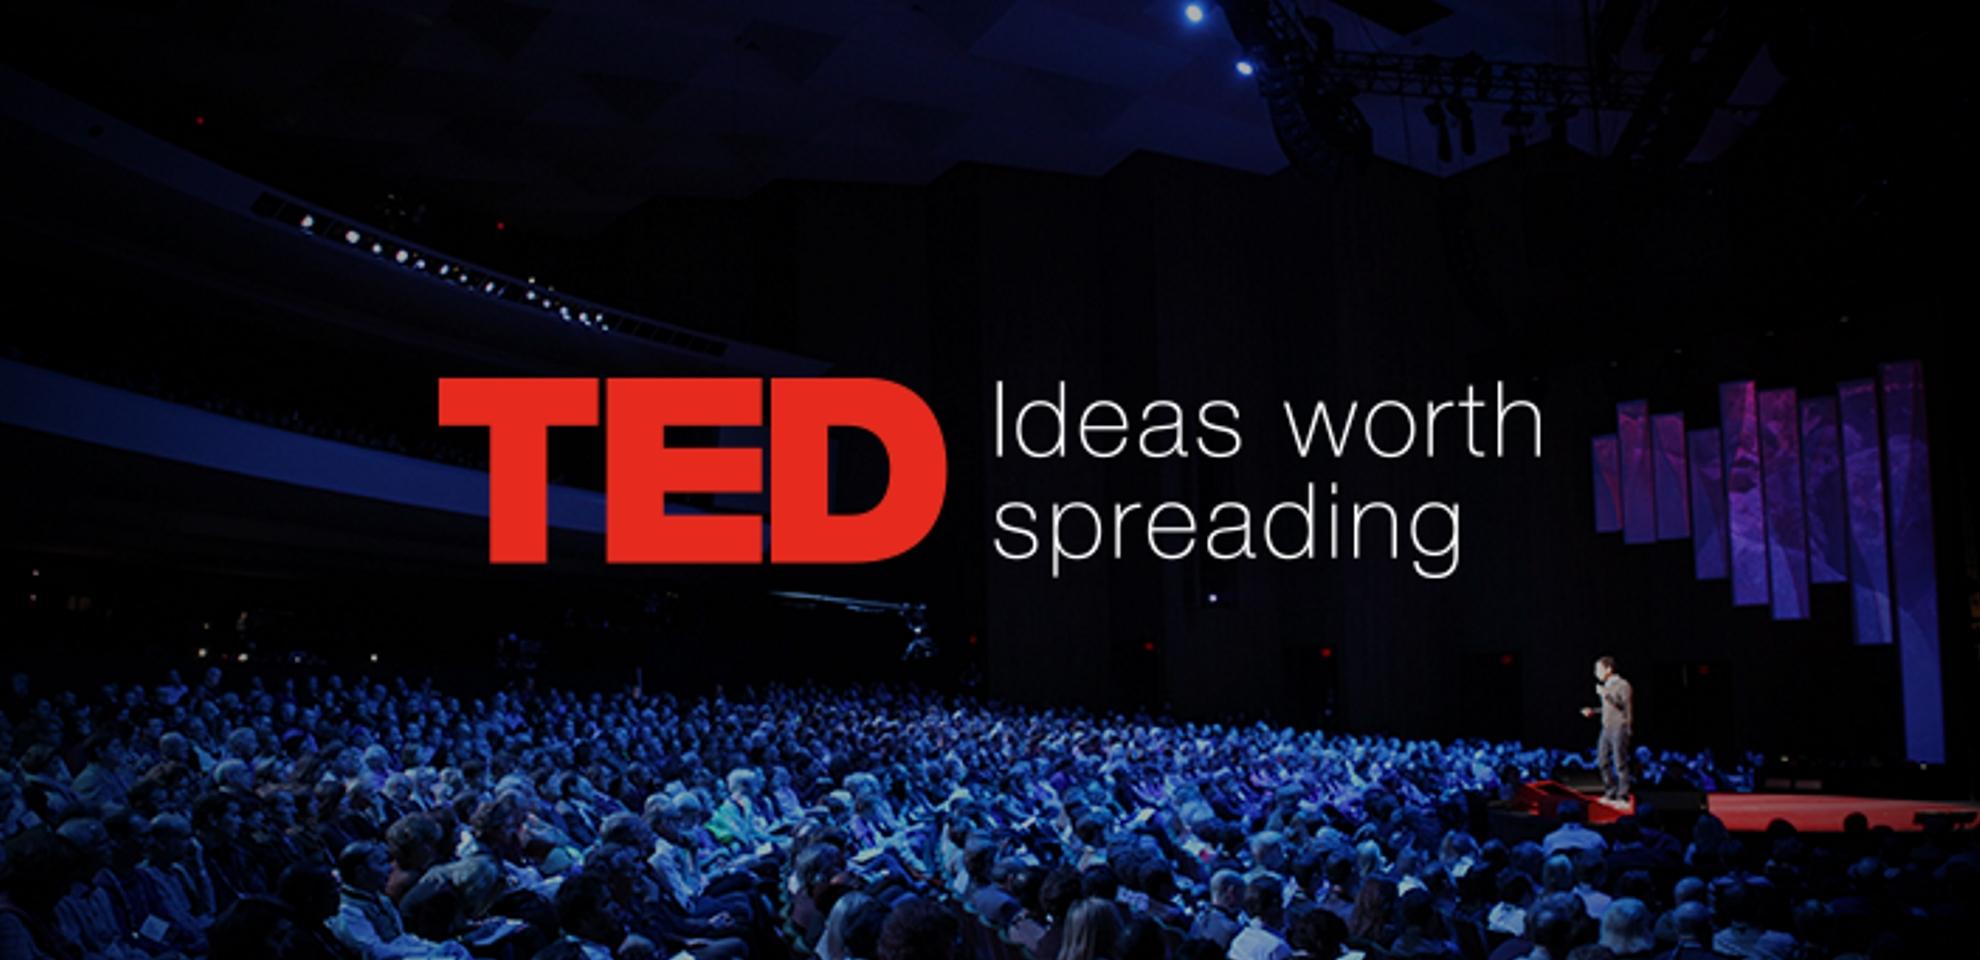 2019 – cu ilin ən yaxşı 5 TED çıxışı